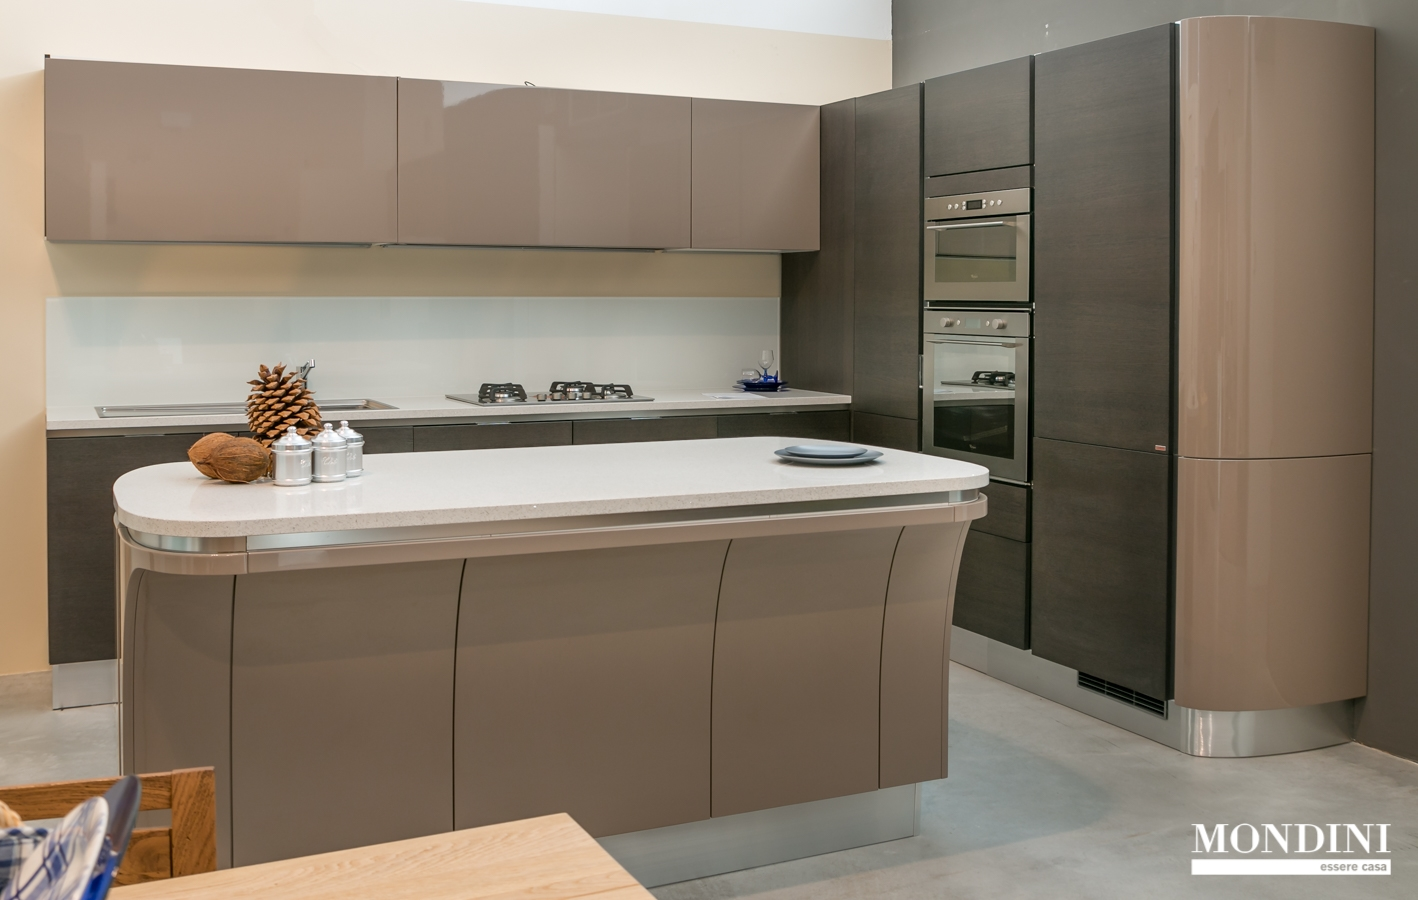 Cucina scavolini modello mood con isola scontata del 69 cucine a prezzi scontati - Cucine con isola scavolini prezzi ...